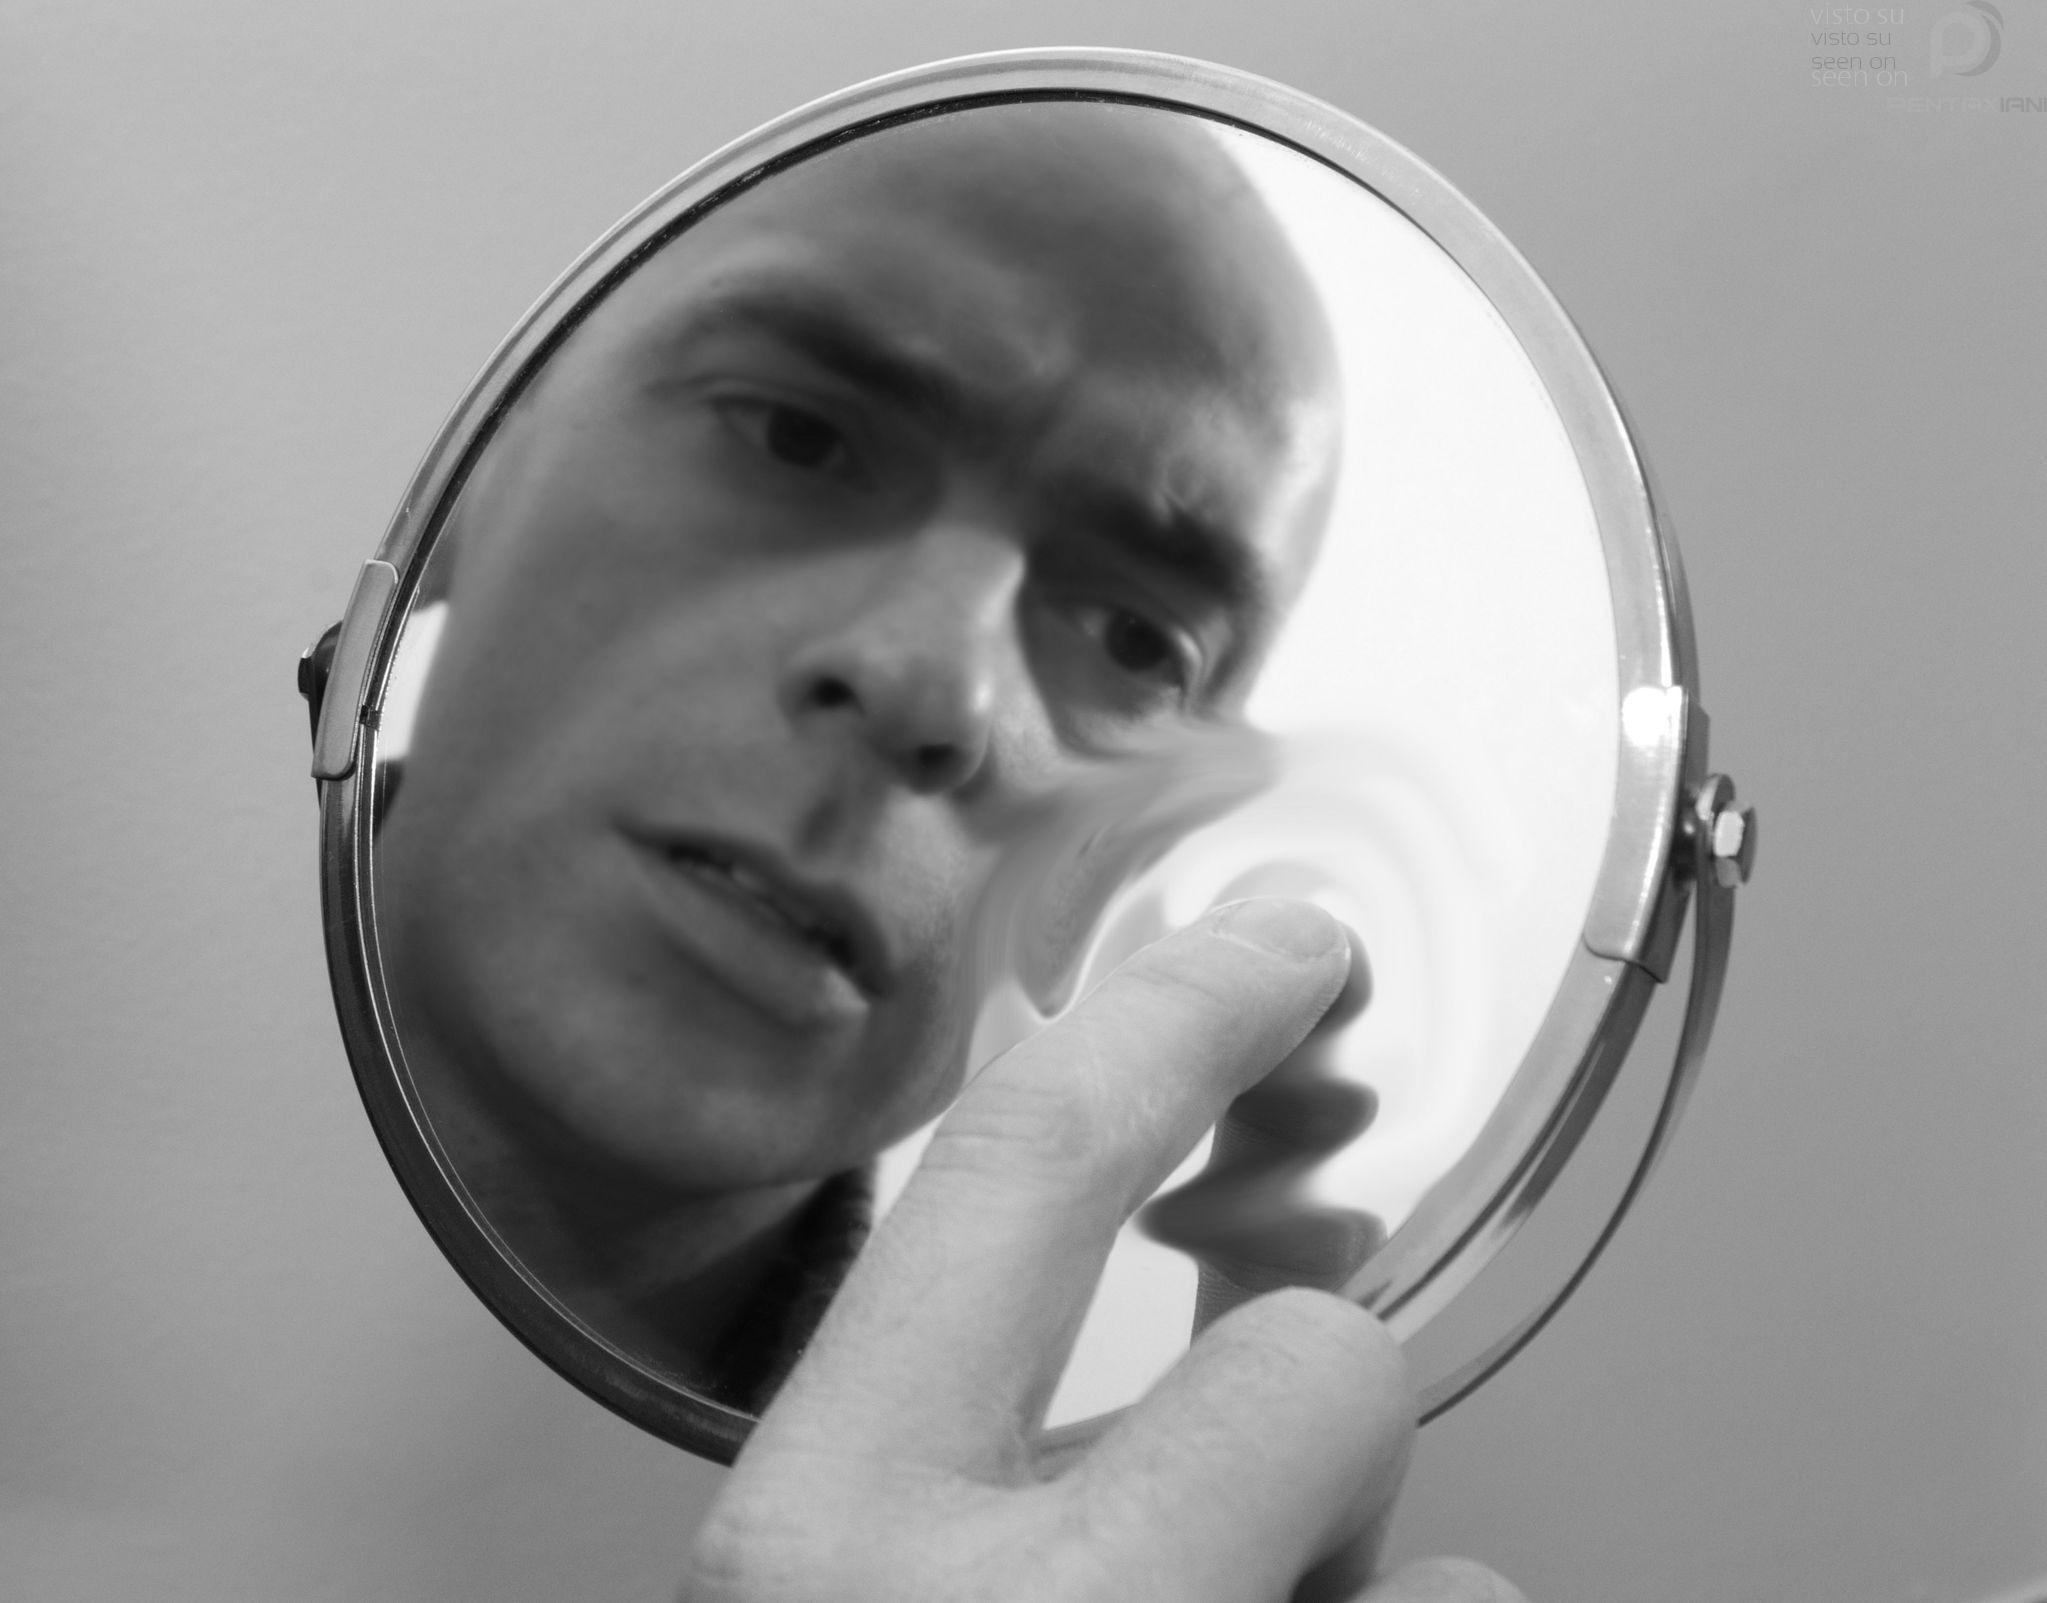 Pentaxiani leggi argomento autoritratto riflesso - Riflesso stucco a specchio ...